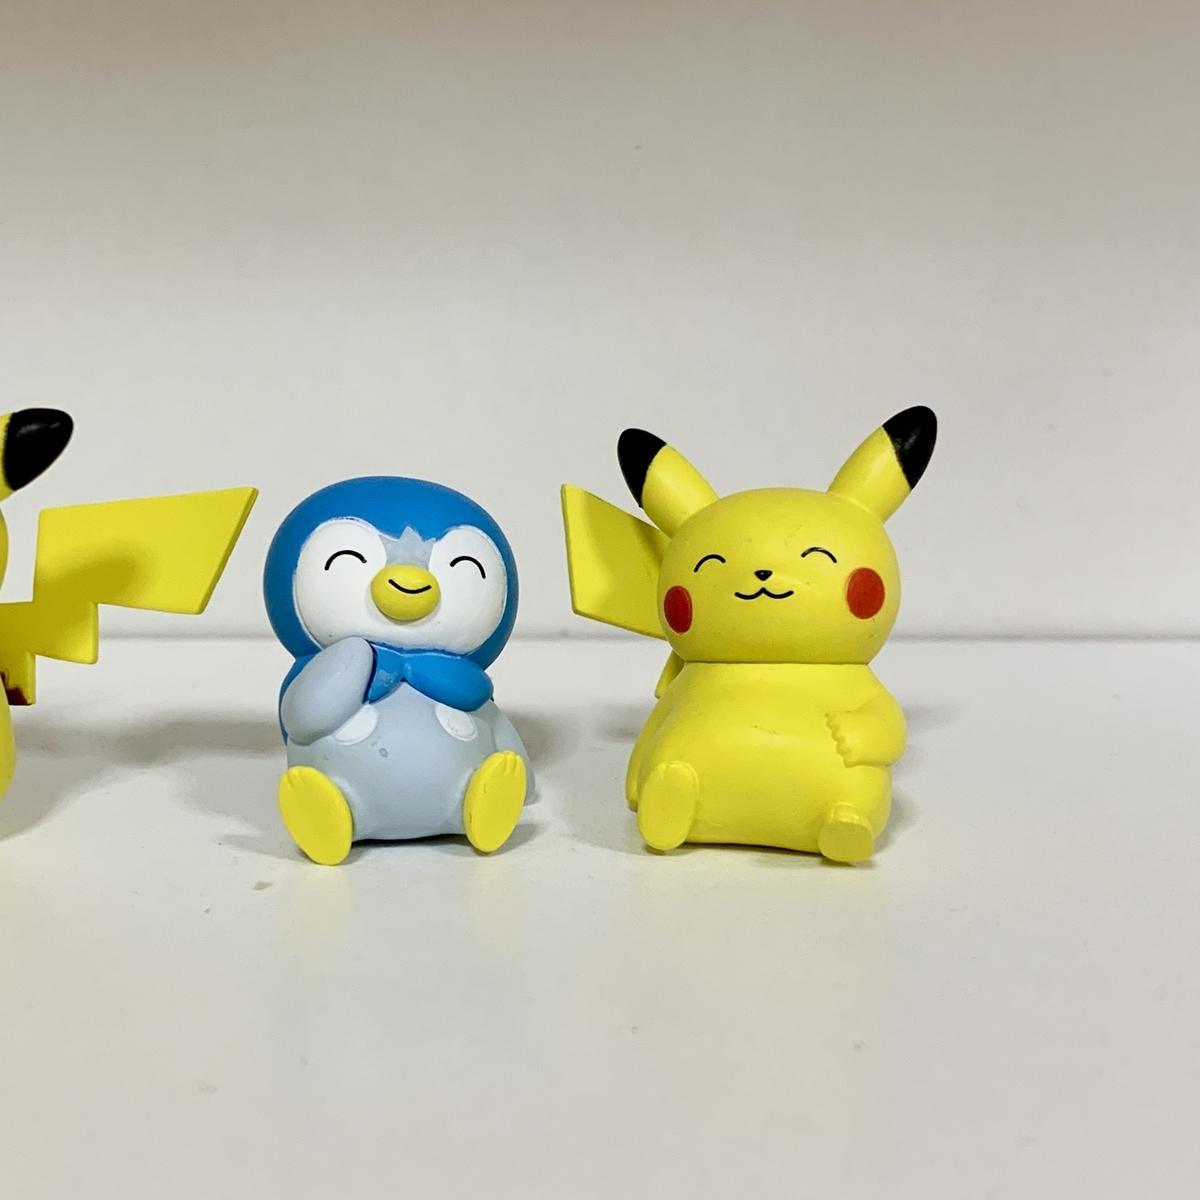 f:id:pikachu_pcn:20210207085332j:plain